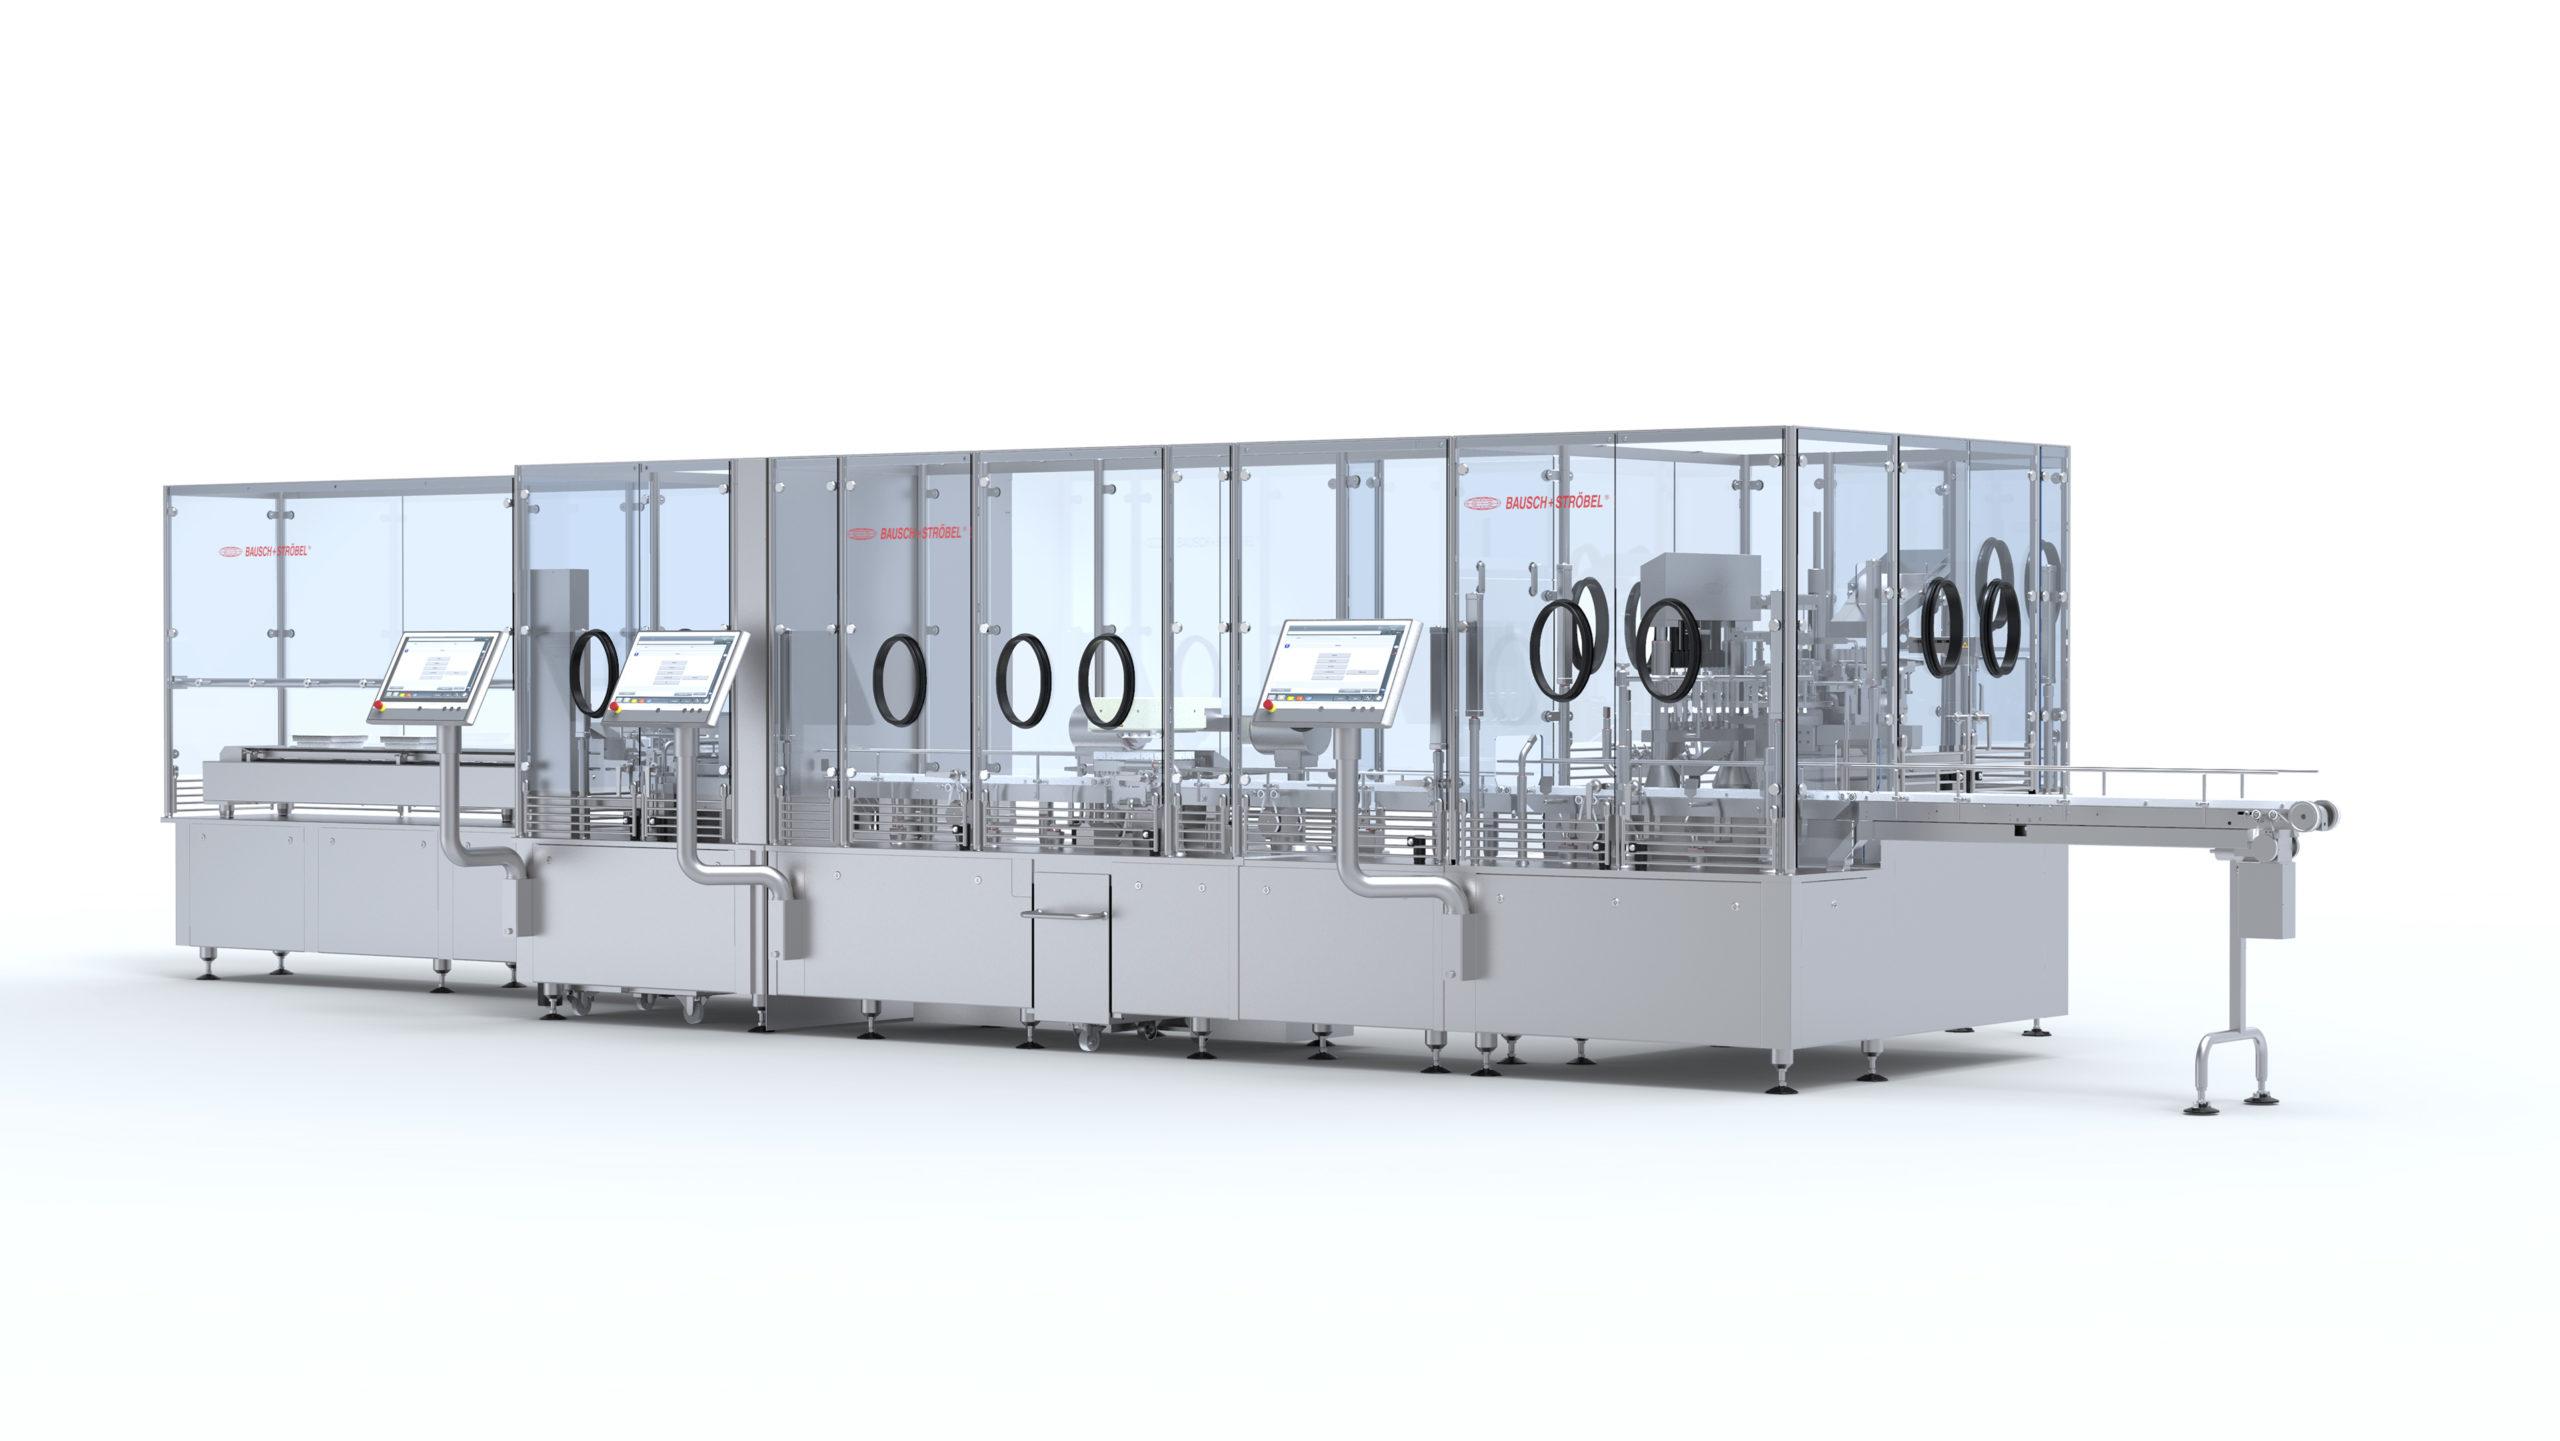 Litech - fournisseur en industrie pharmaceutique pour la marque Bausch + Ströbel